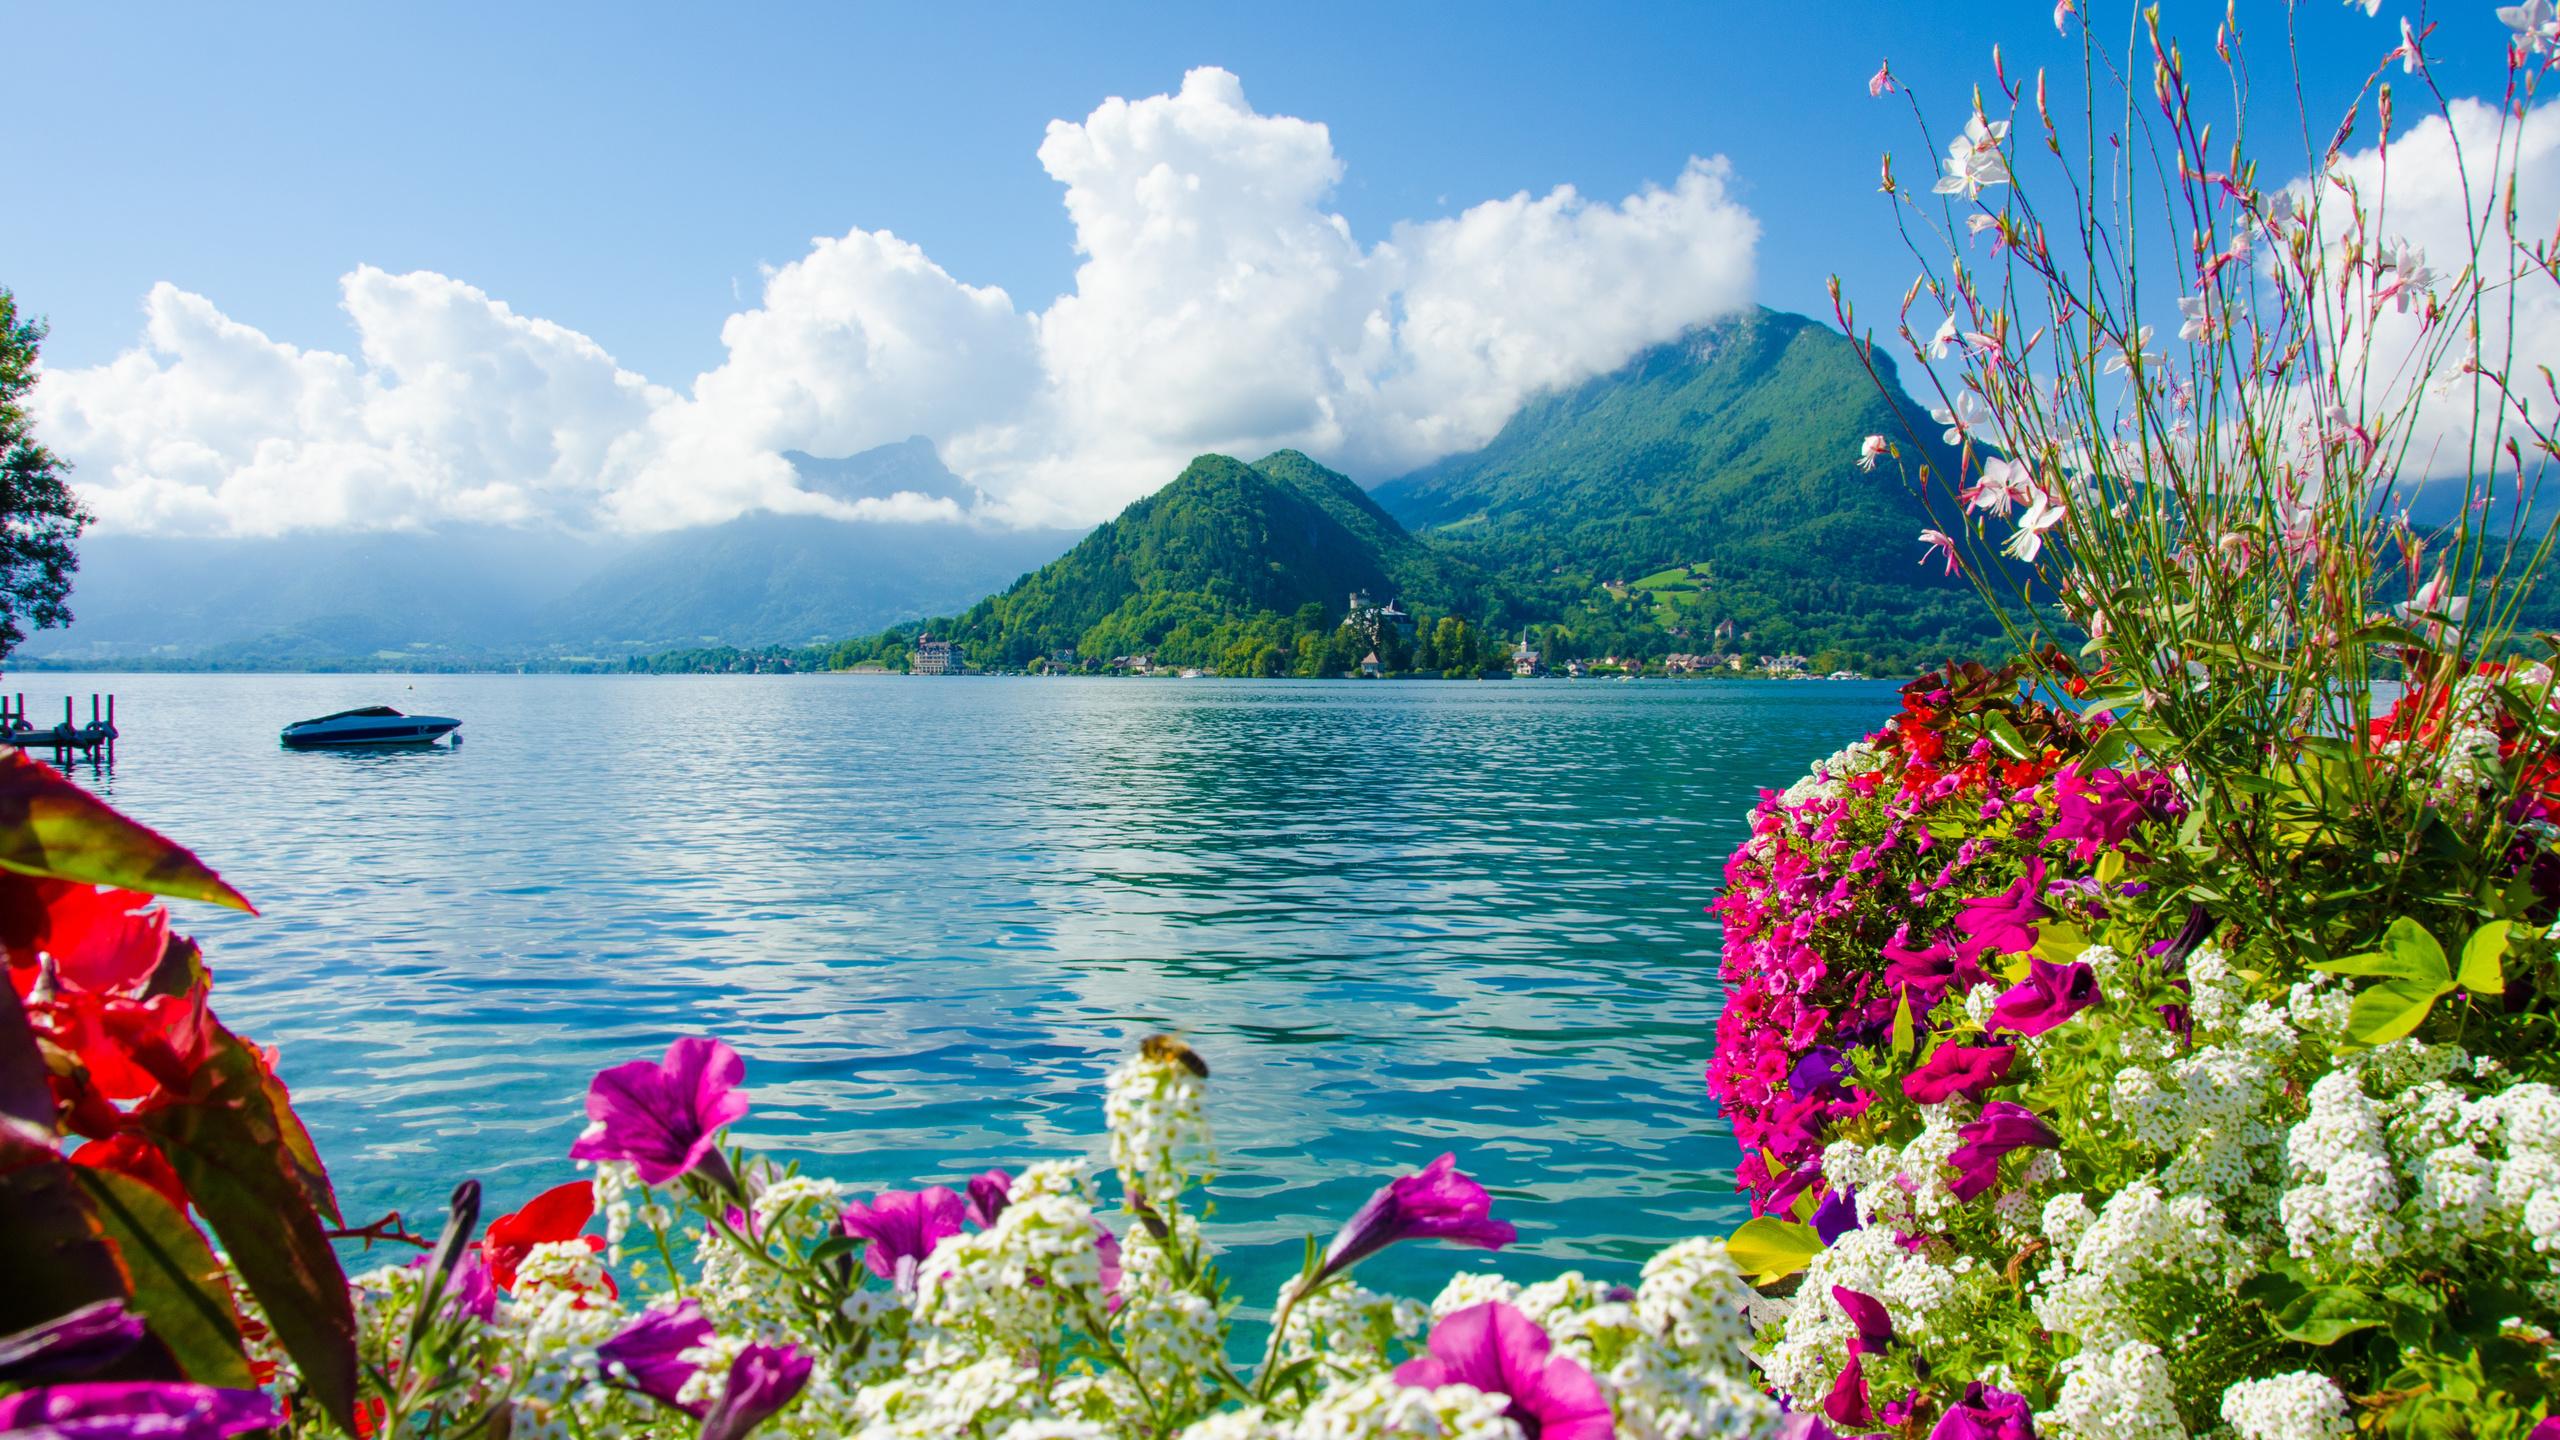 Пейзажи и цветы картинки фото